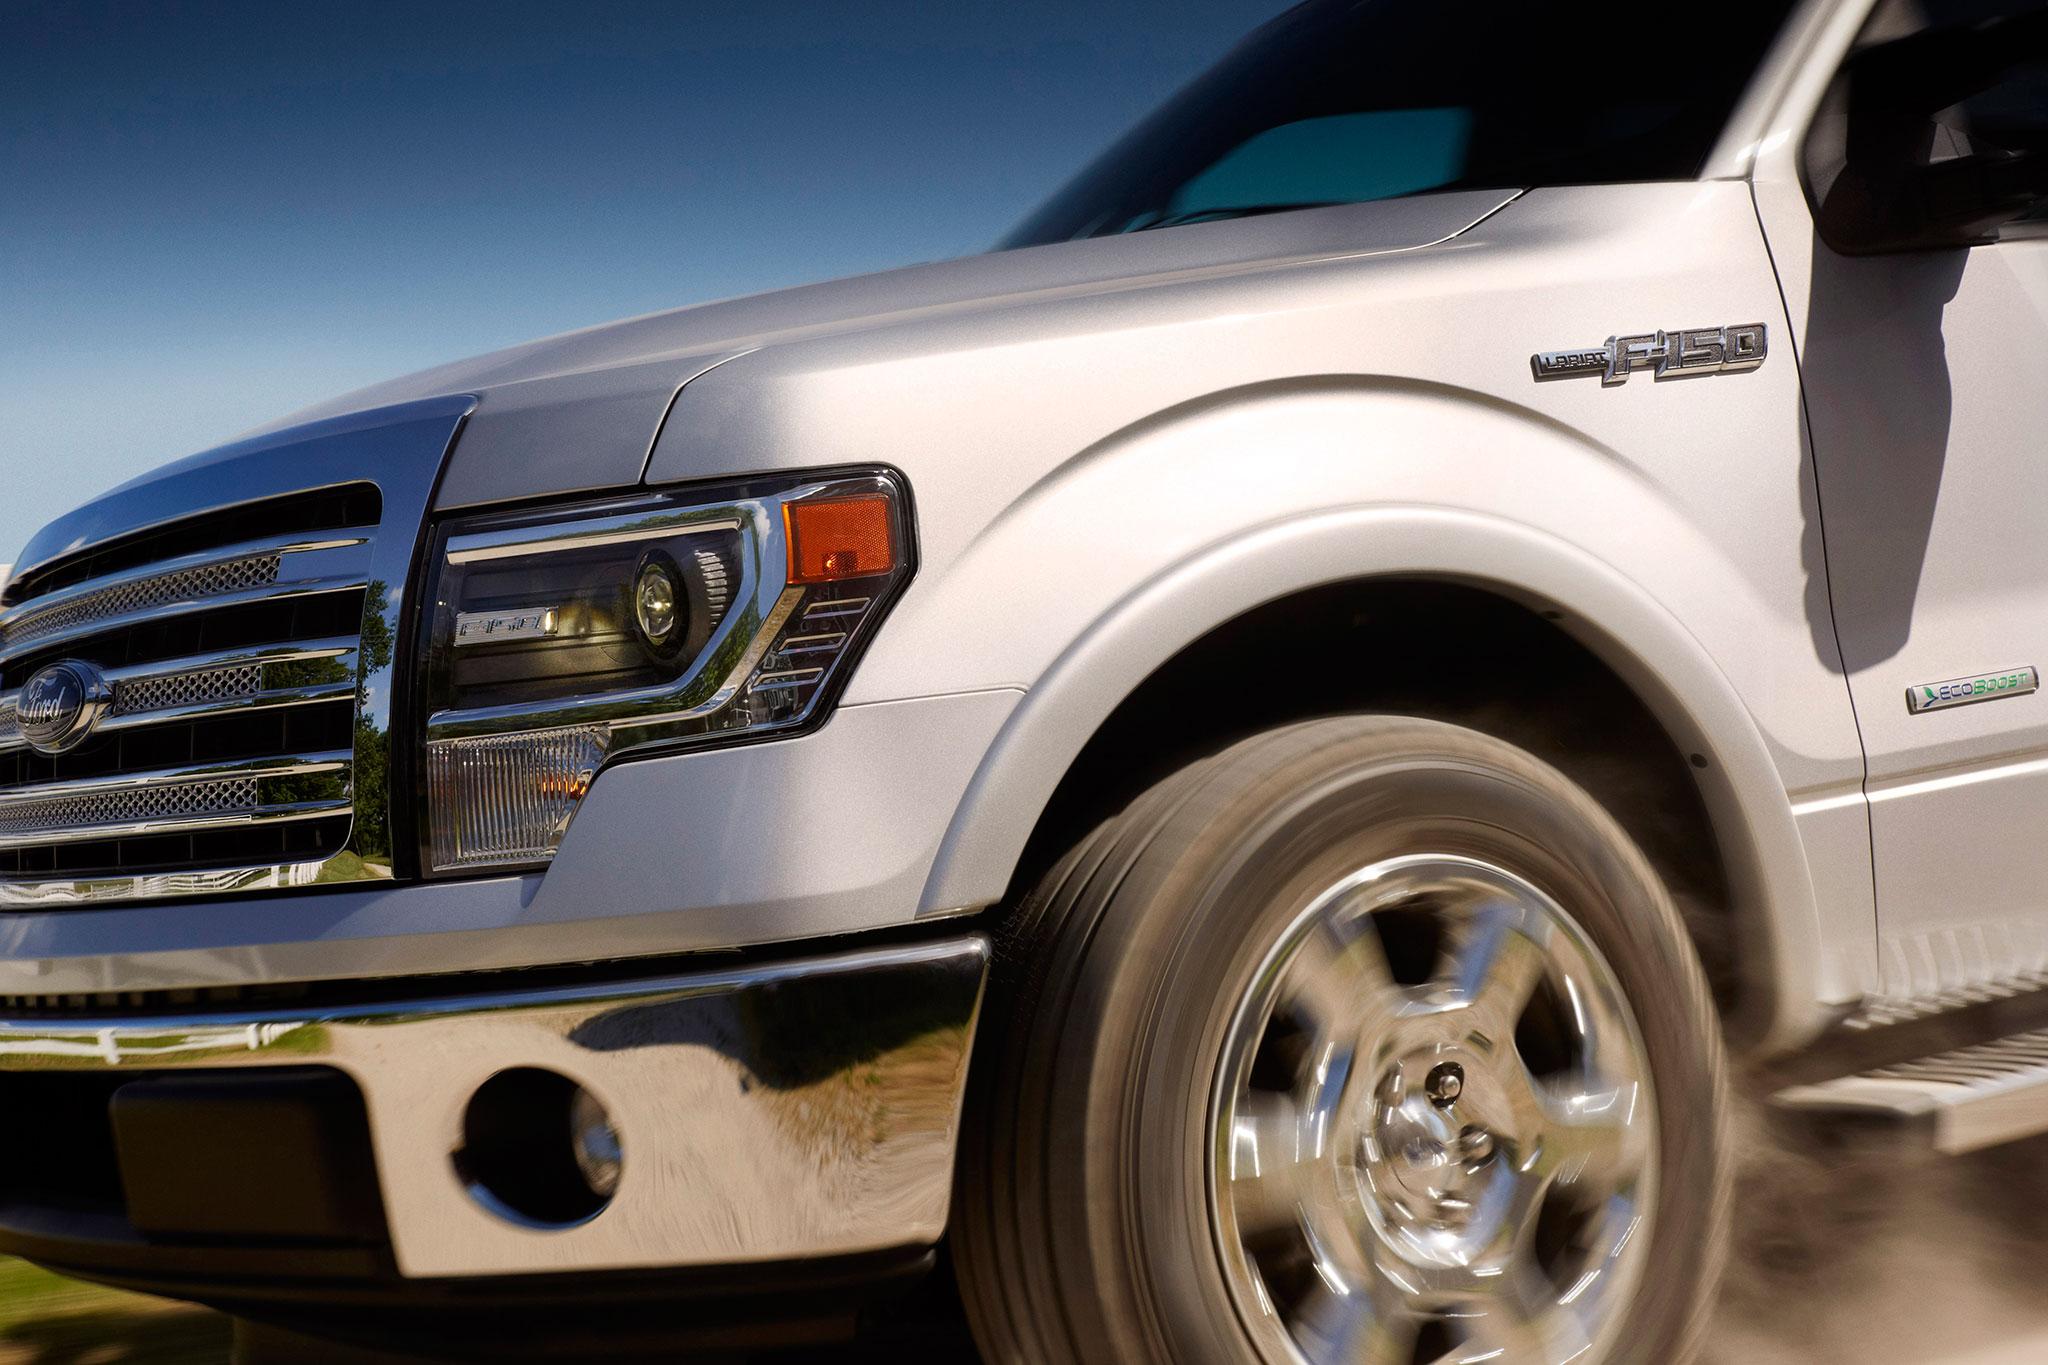 shelby american baja 700 ford f 150 svt raptor packs 700 hp. Black Bedroom Furniture Sets. Home Design Ideas